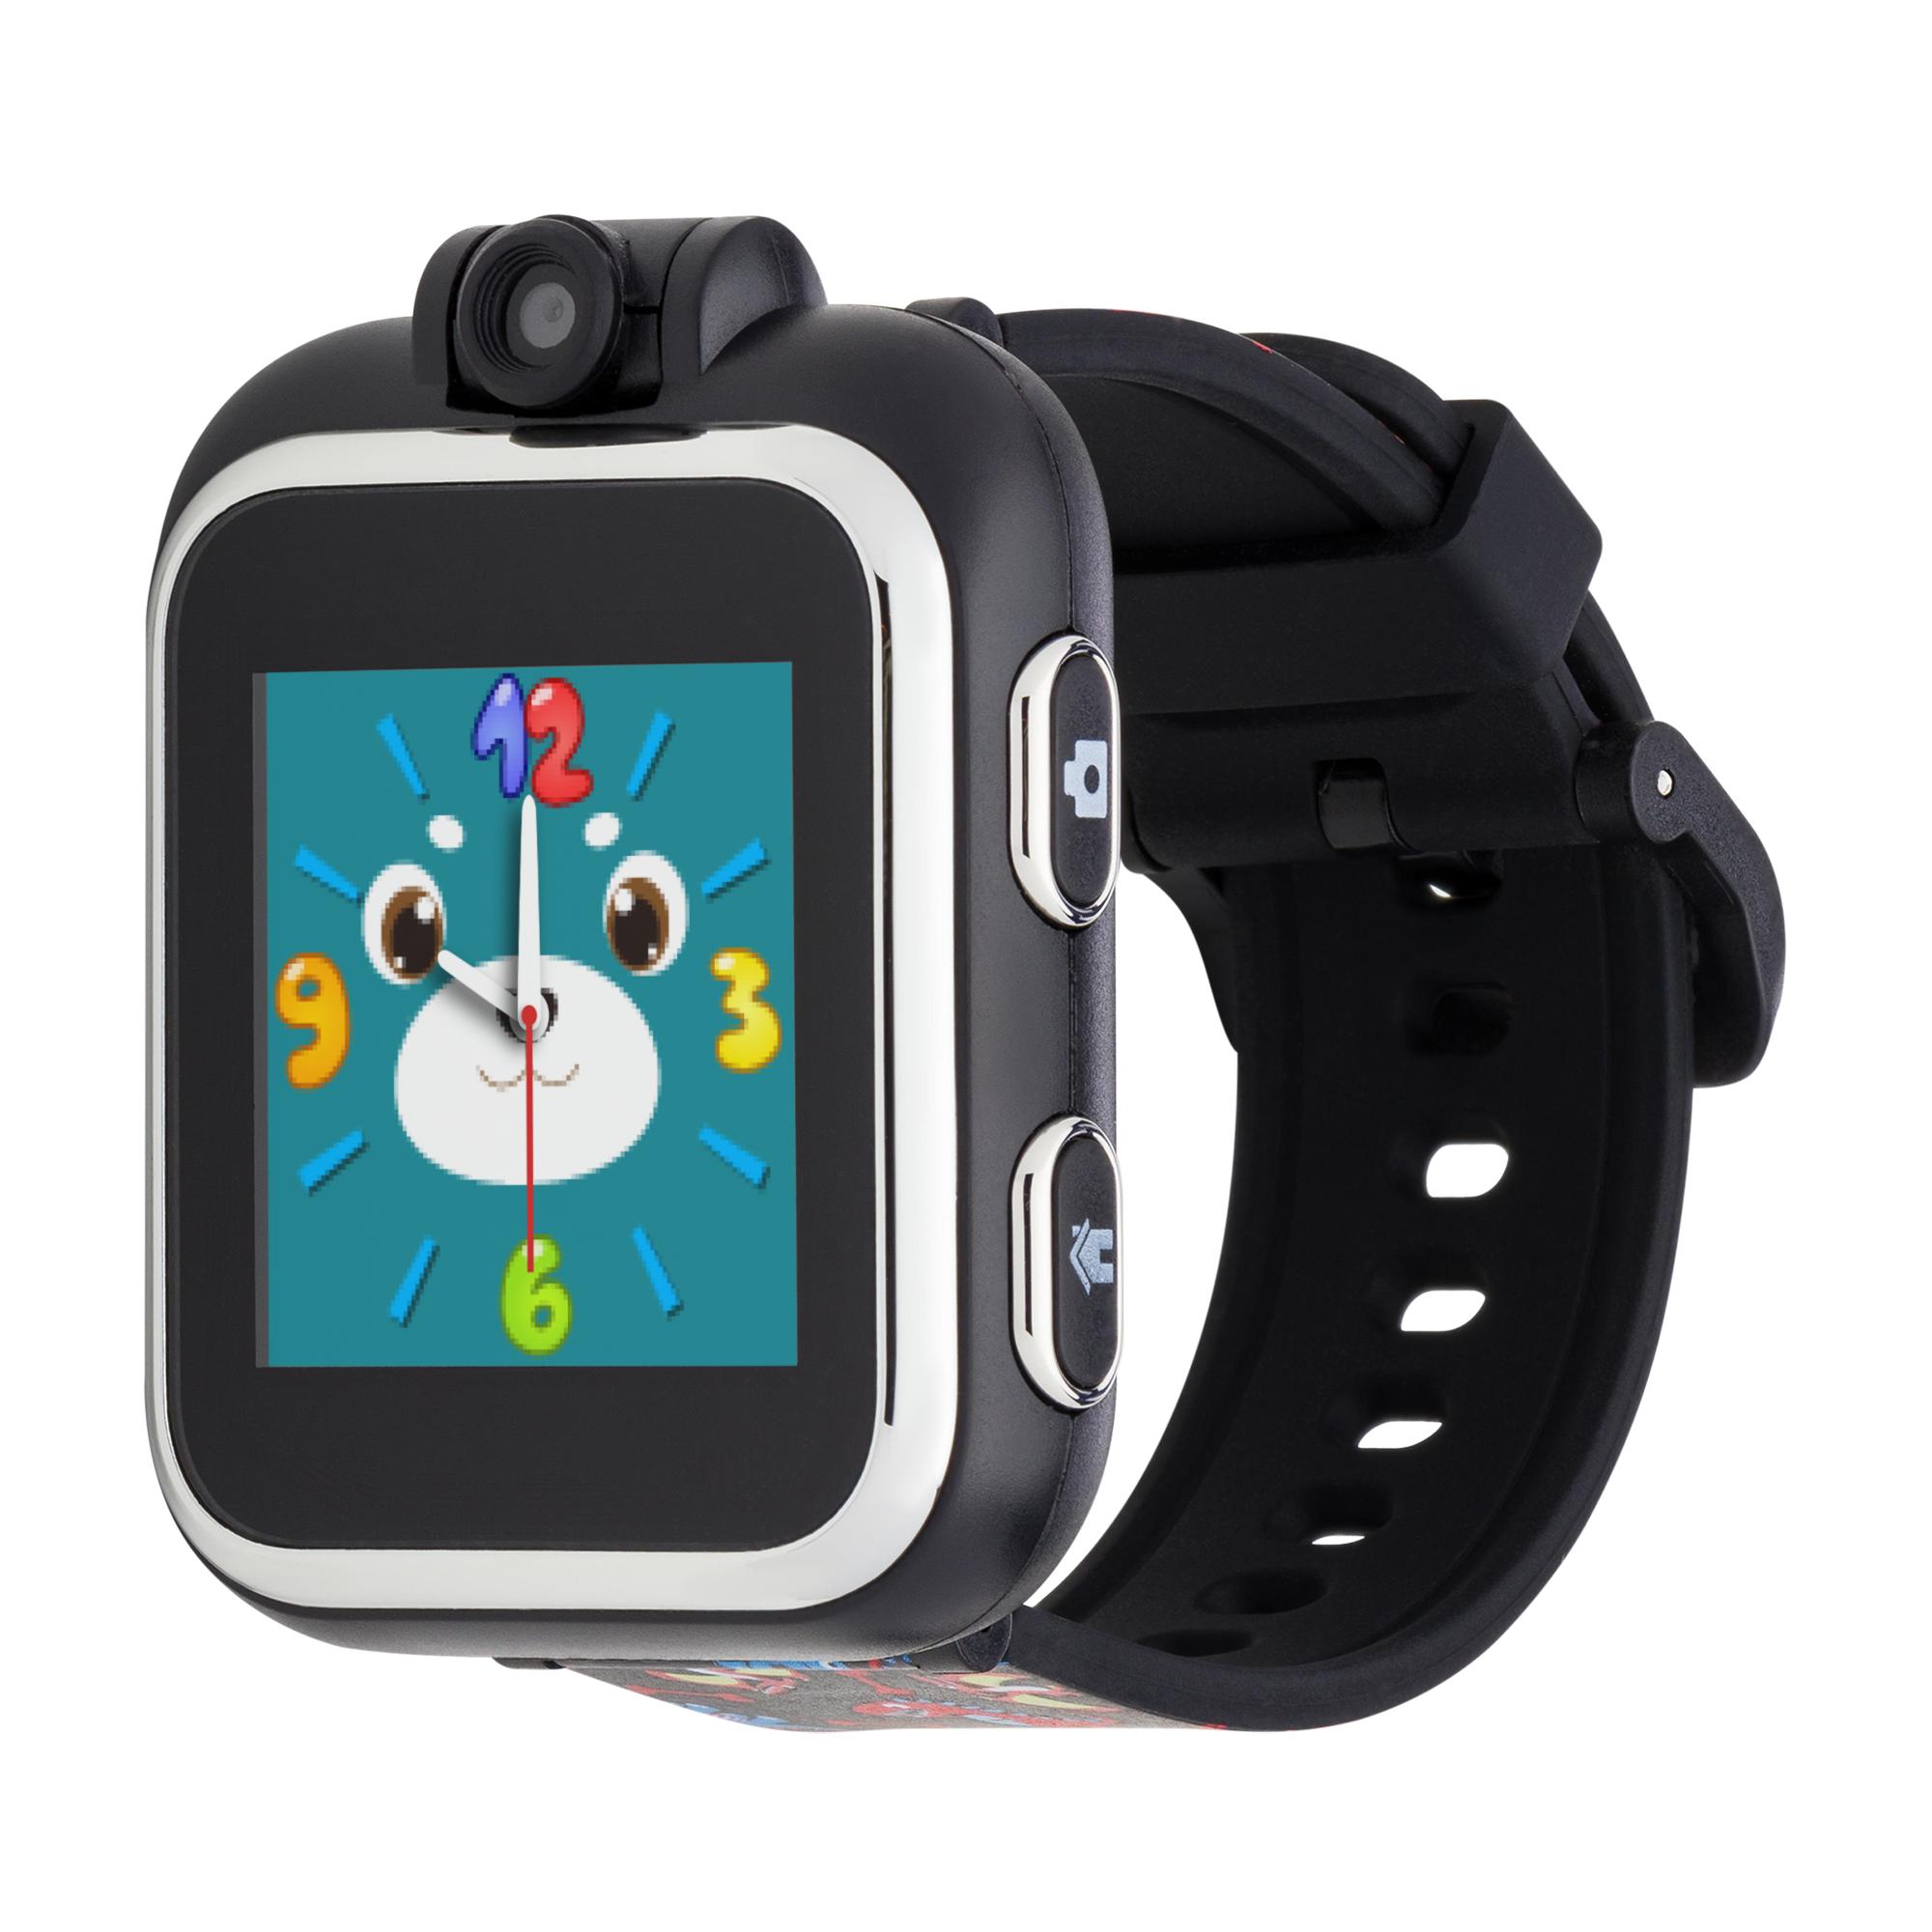 iTouch Playzoom Kids Smart Watch Dark Dinosaur Print